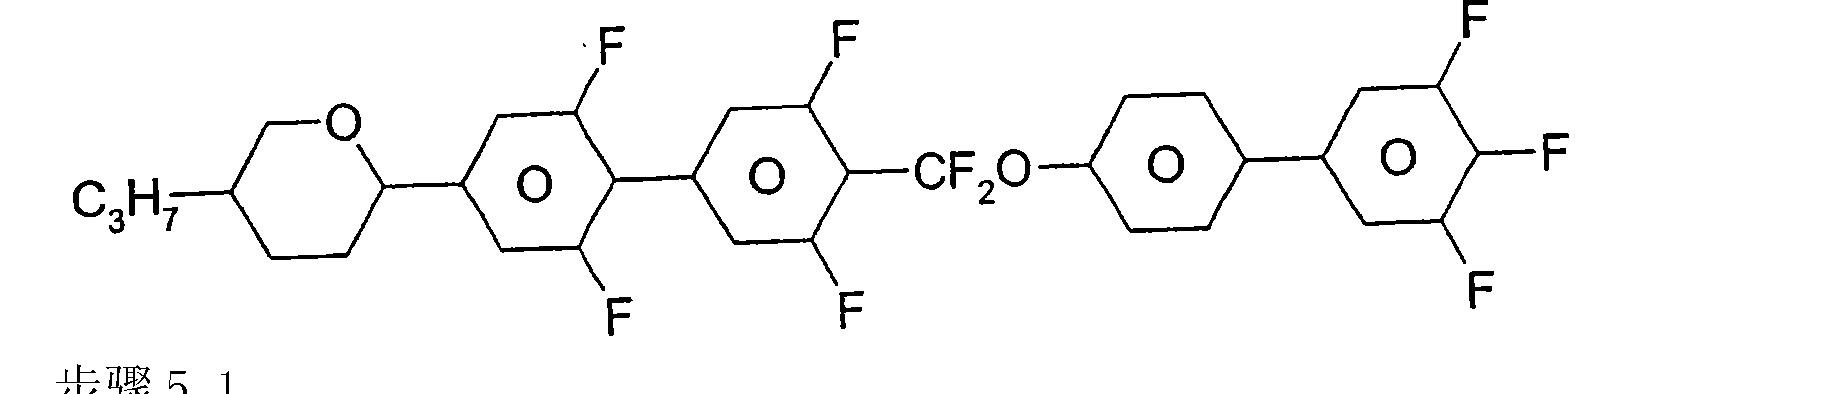 Figure CN101294079BD01132